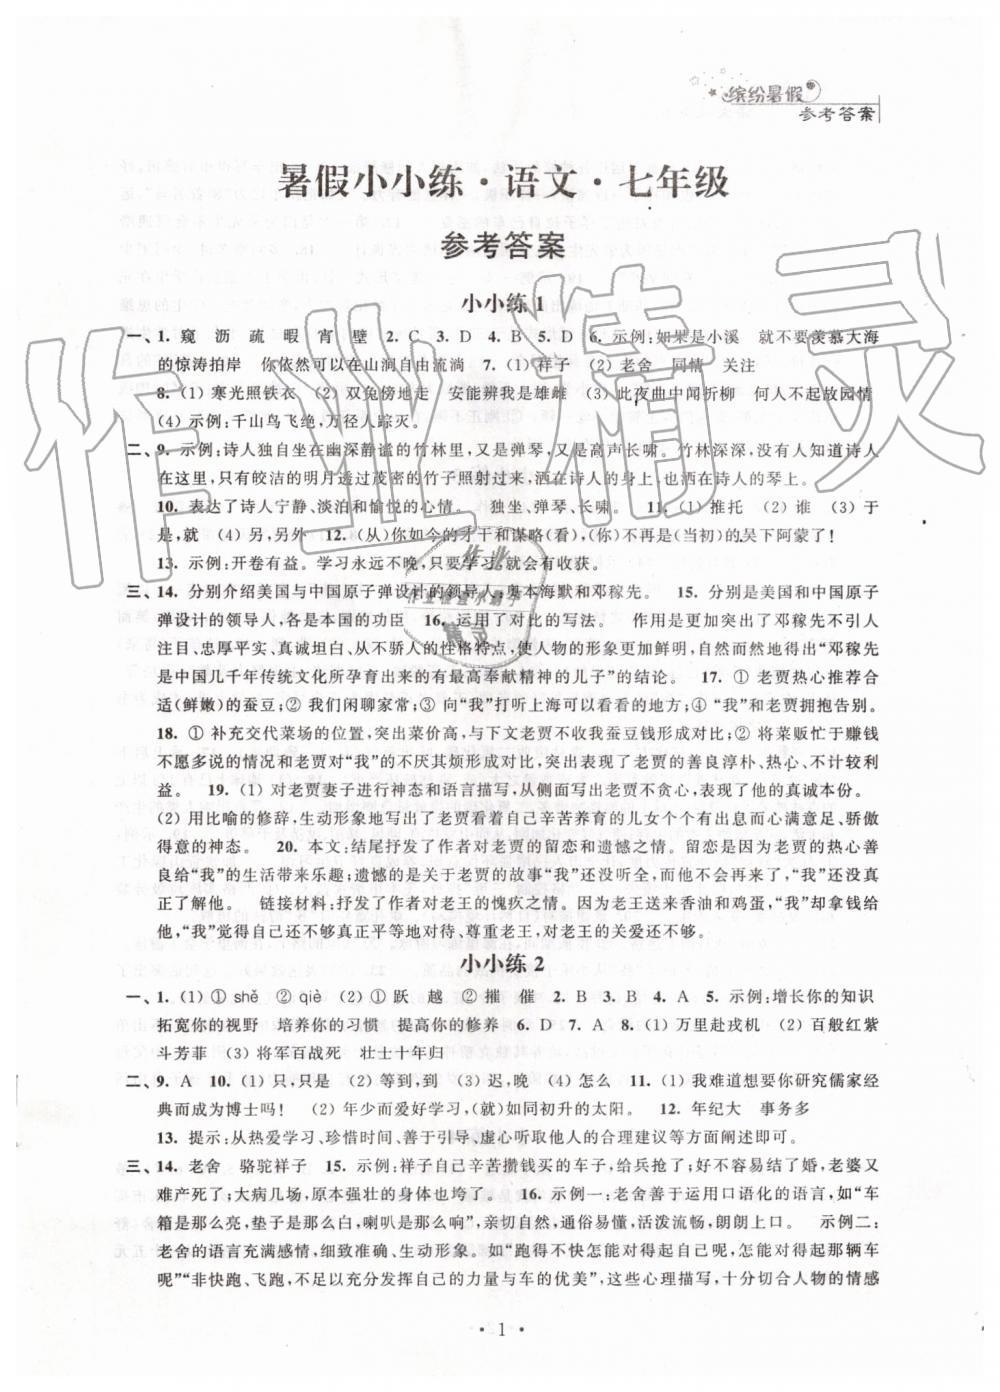 2019年暑假小小练七年级语文数学英语合订本第1页